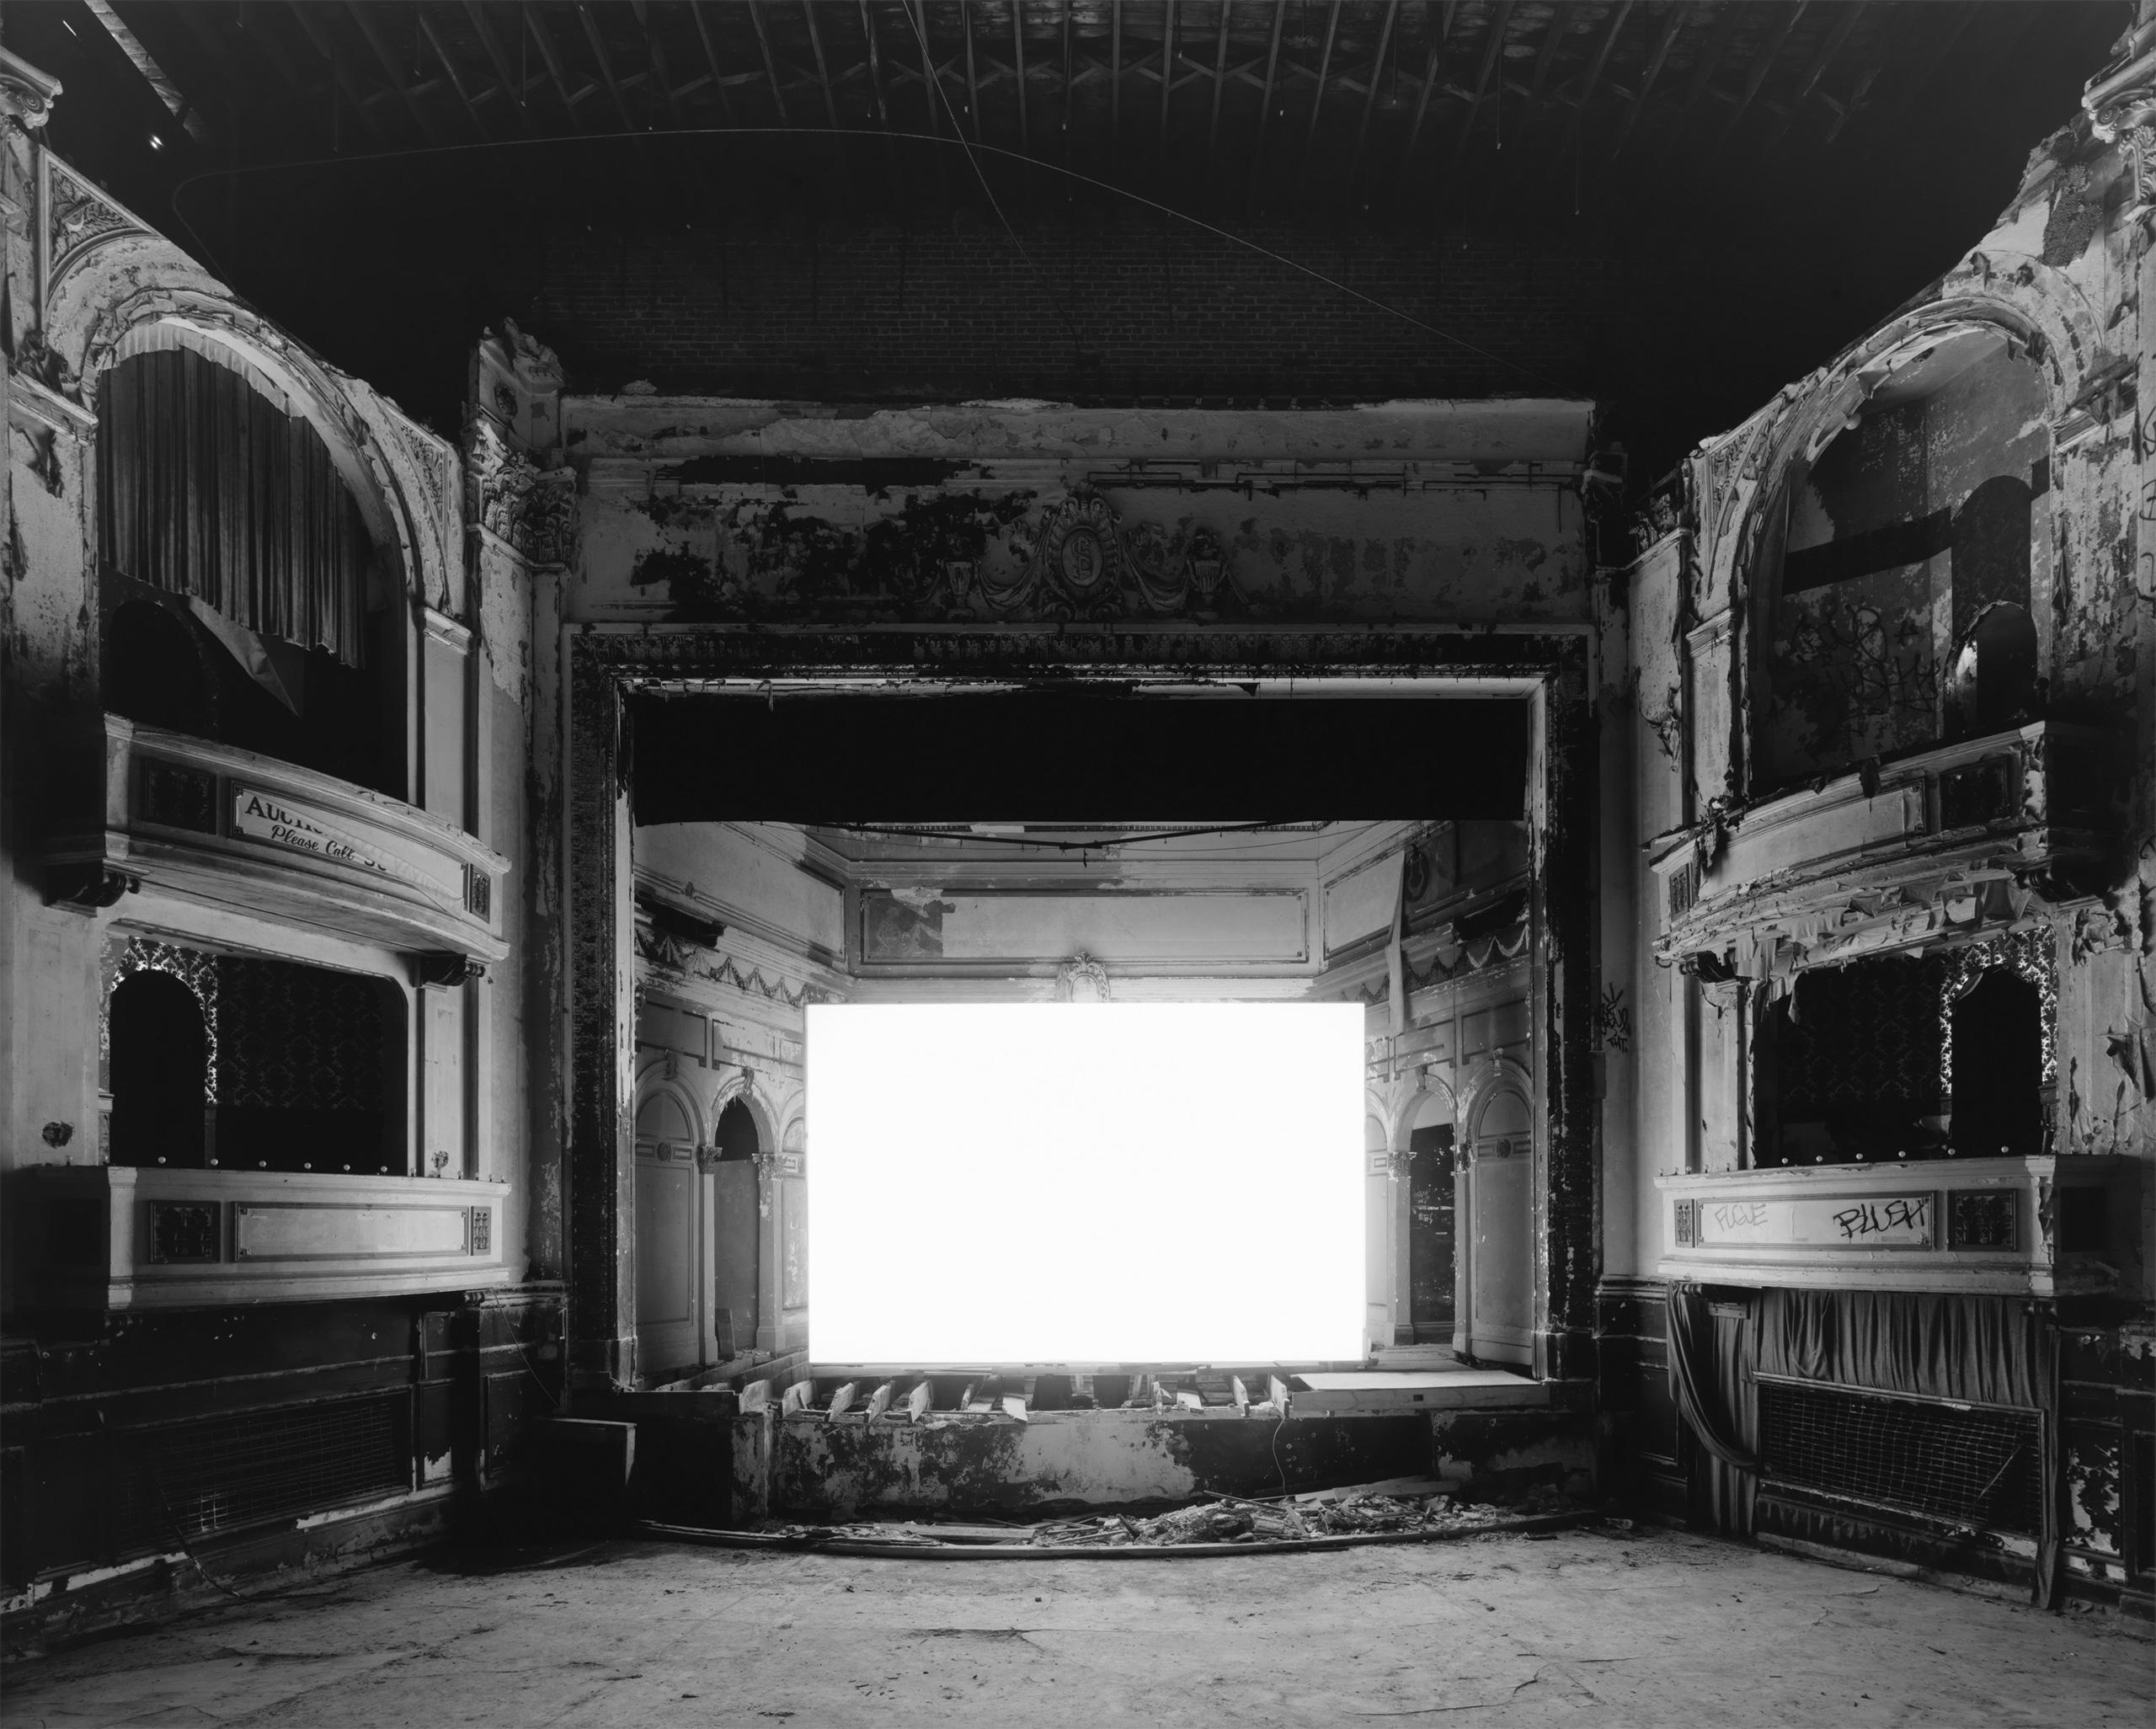 Everett Square Theater, Boston, 2015